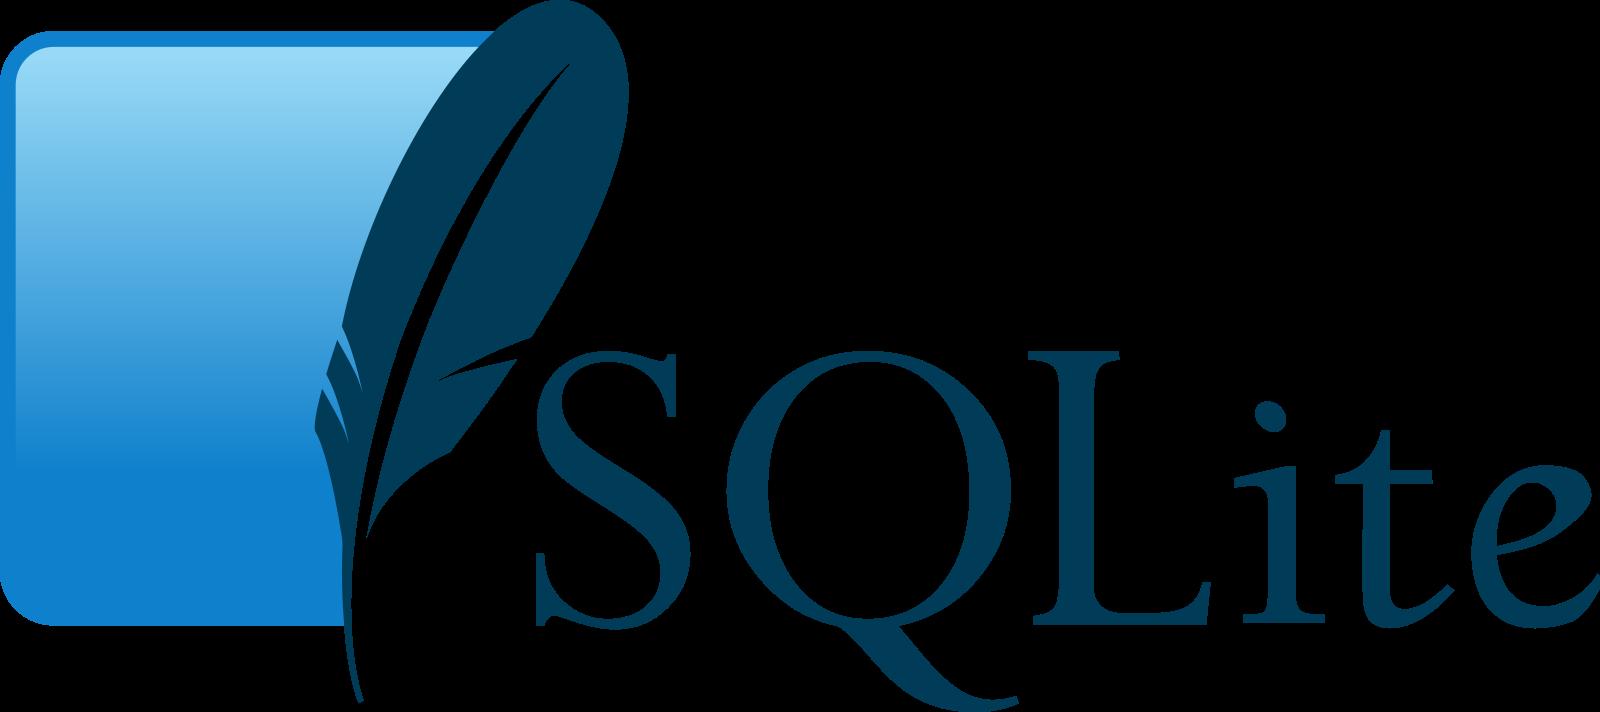 sqlite logo 2 - SQLite Logo